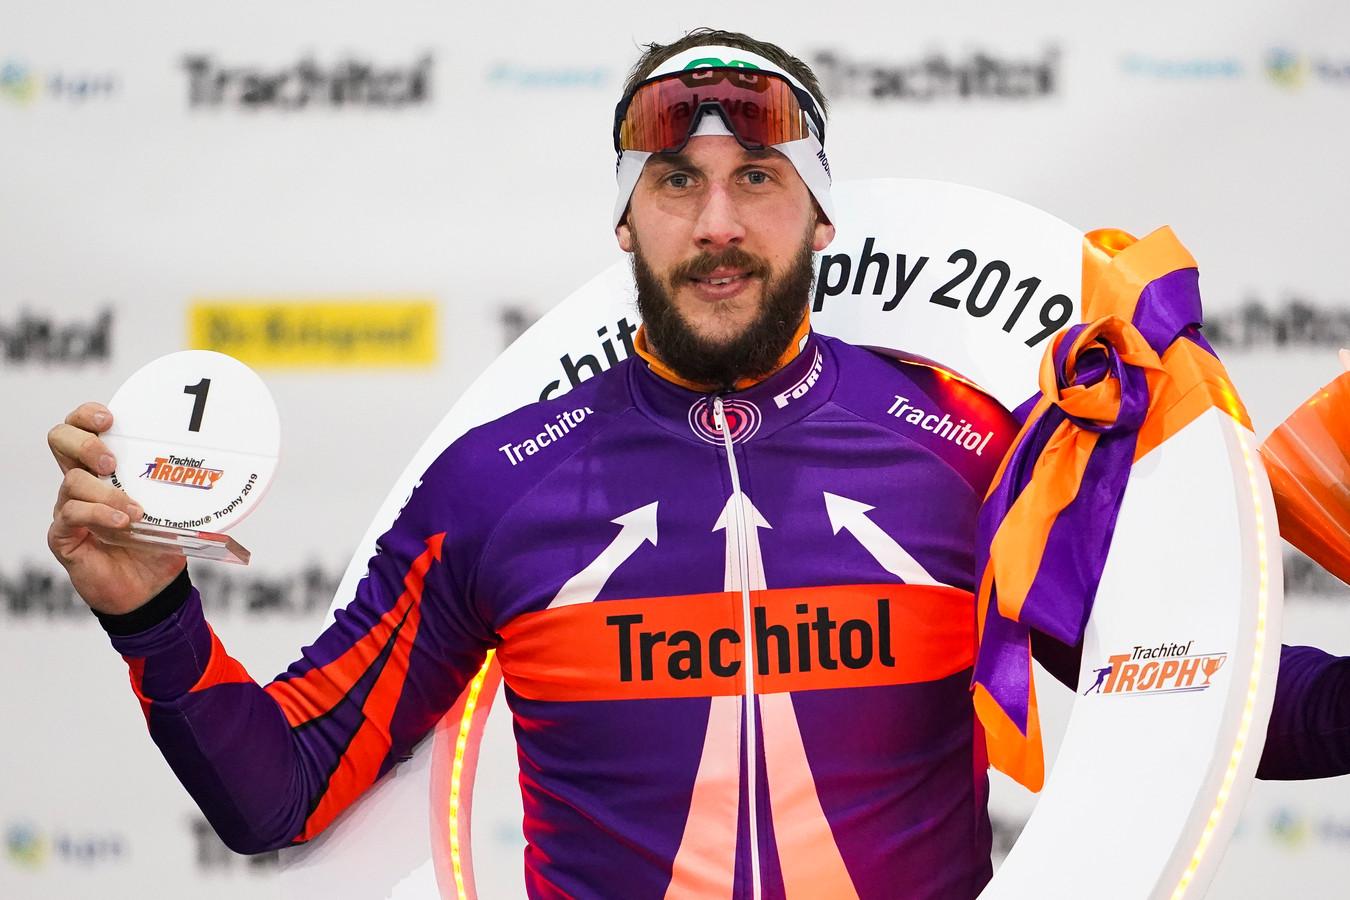 Winnaar Gary Hekman met de krans om na het winnen van de Trachitol Trophy 2019.